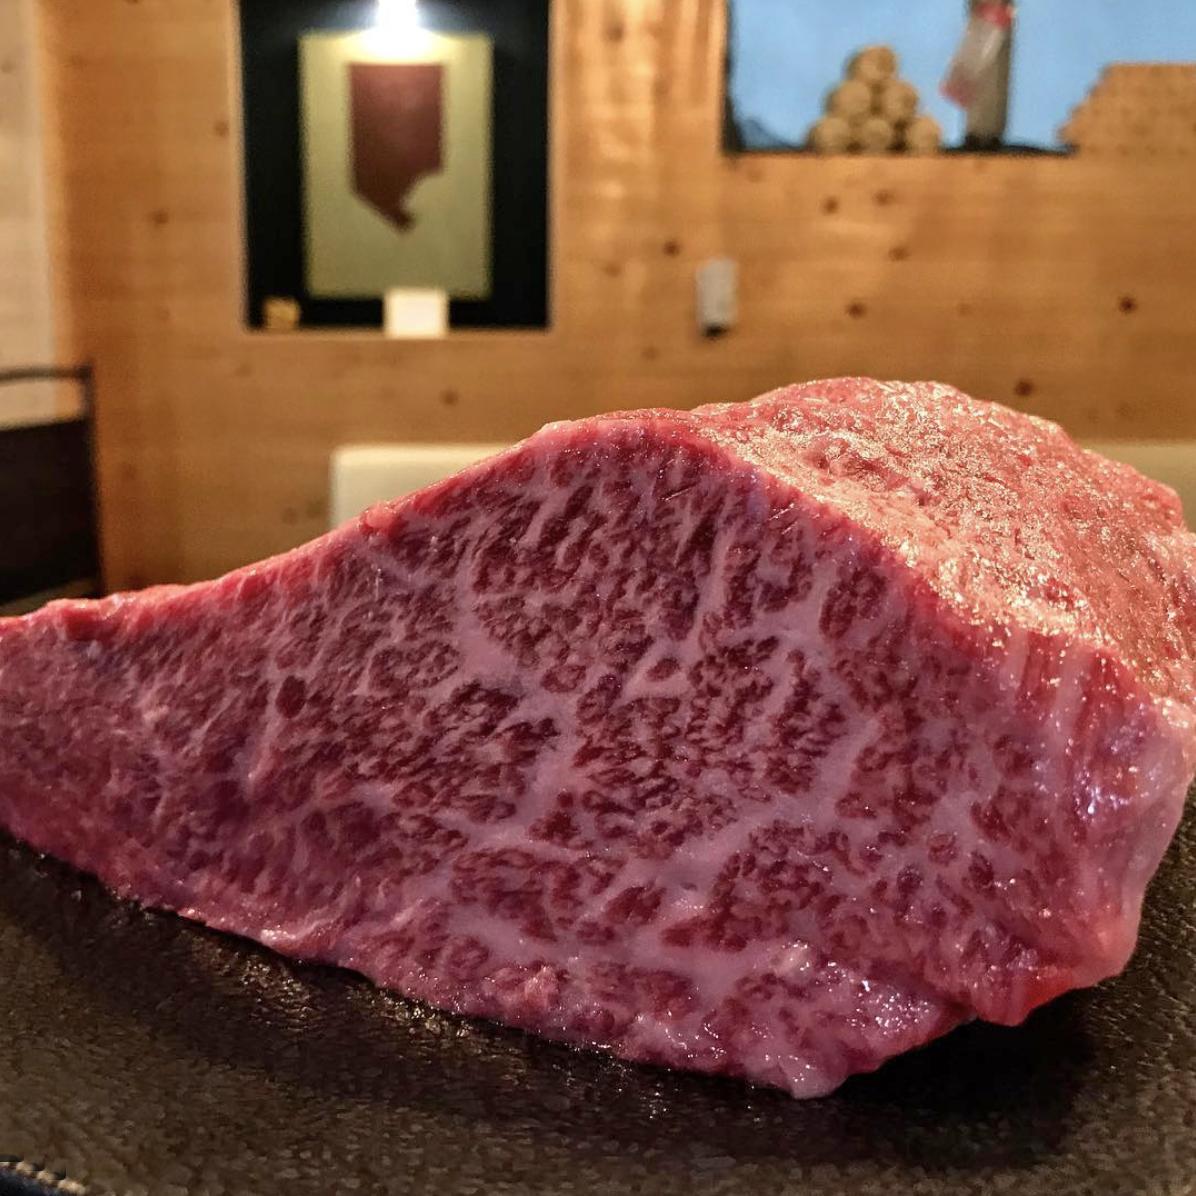 牛'sで提供している厳選肉。写真はミスジに近い赤身肉「クリ」